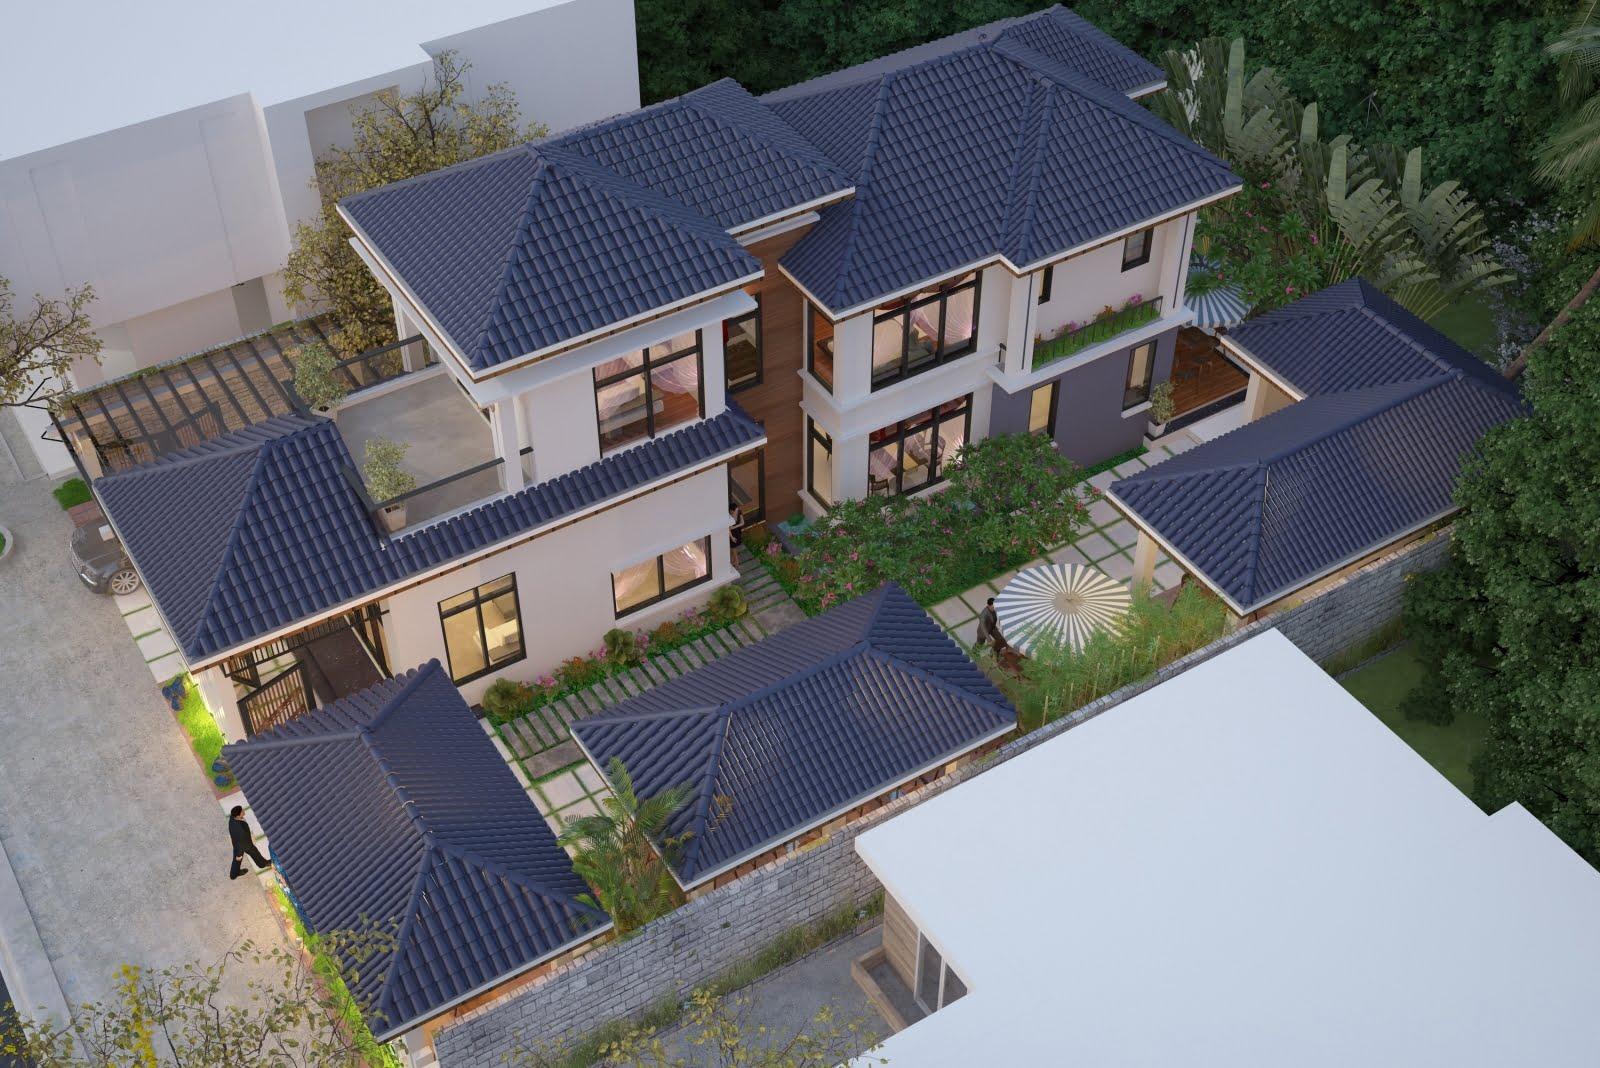 mẫu thiết kế biệt thự nhà vườn đẹp 8